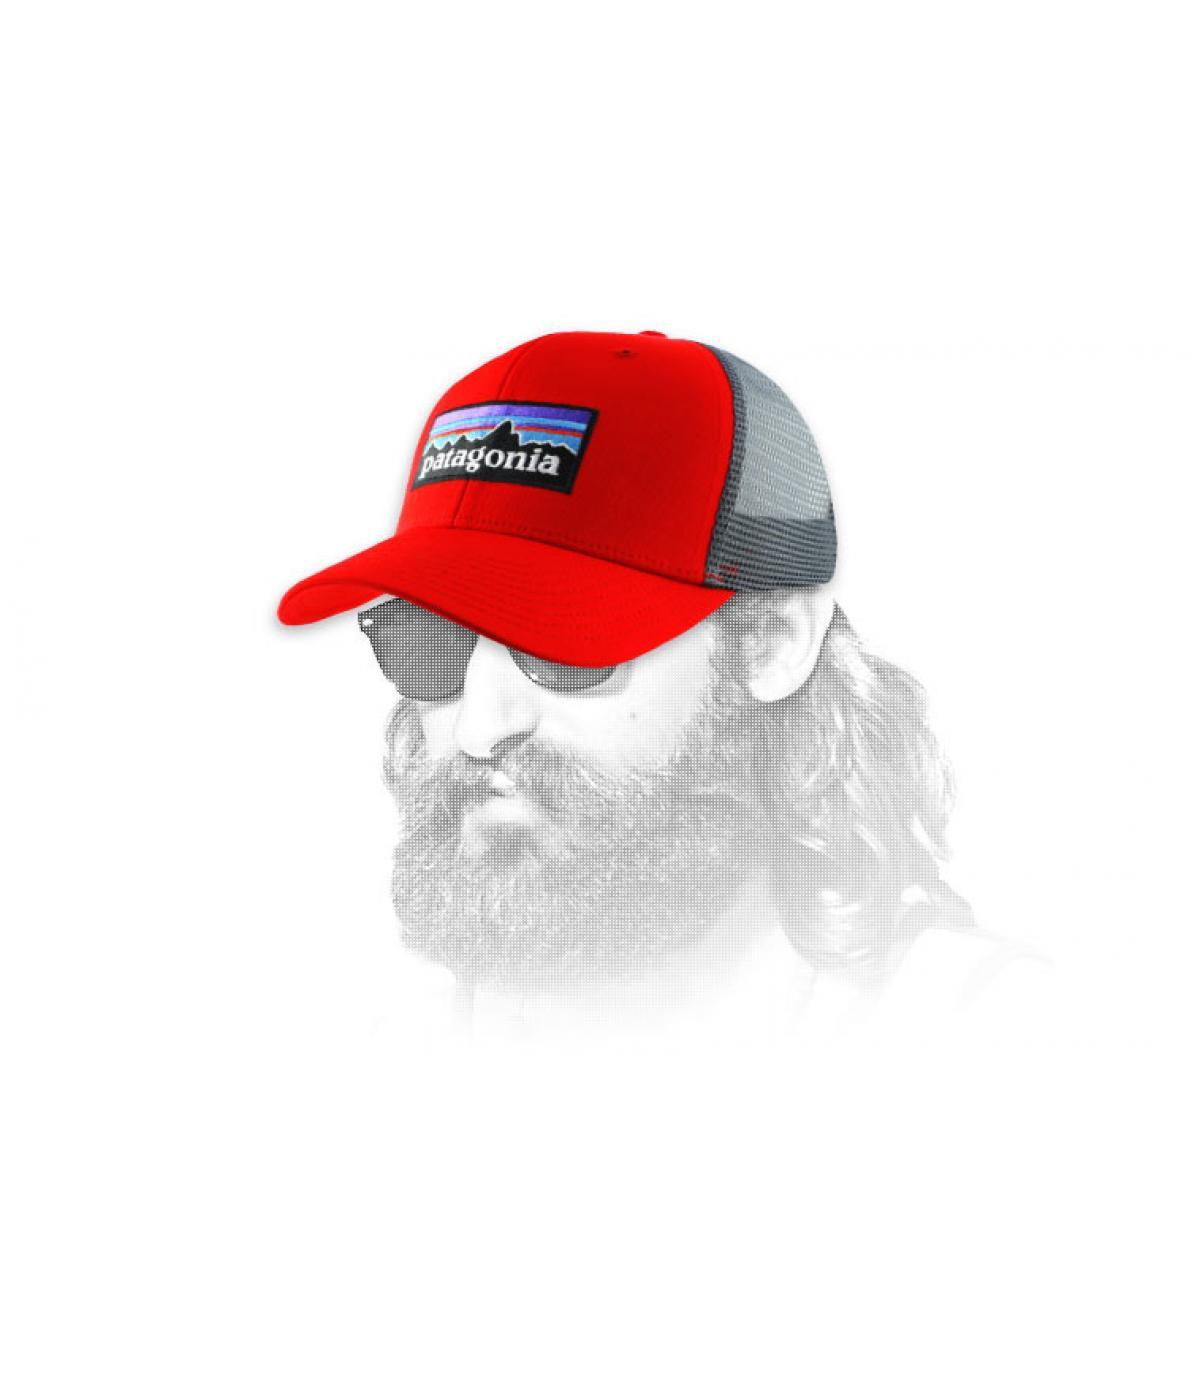 gorra con viseracurvaroja